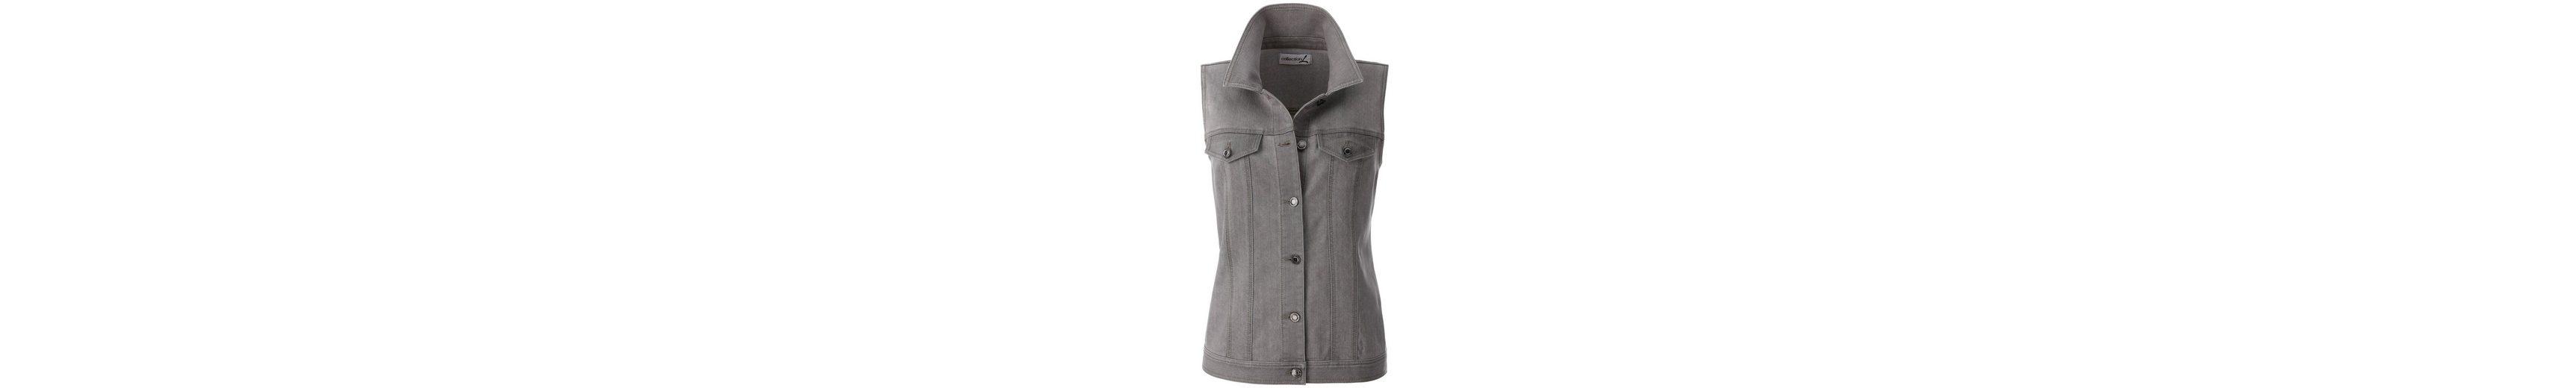 Collection L Jeans-Weste mit längerem Schnitt 2018 Günstig Online Verkauf Wahl Billig Verkauf Kosten Mode Online-Verkauf Finden Große Zum Verkauf hTpfD